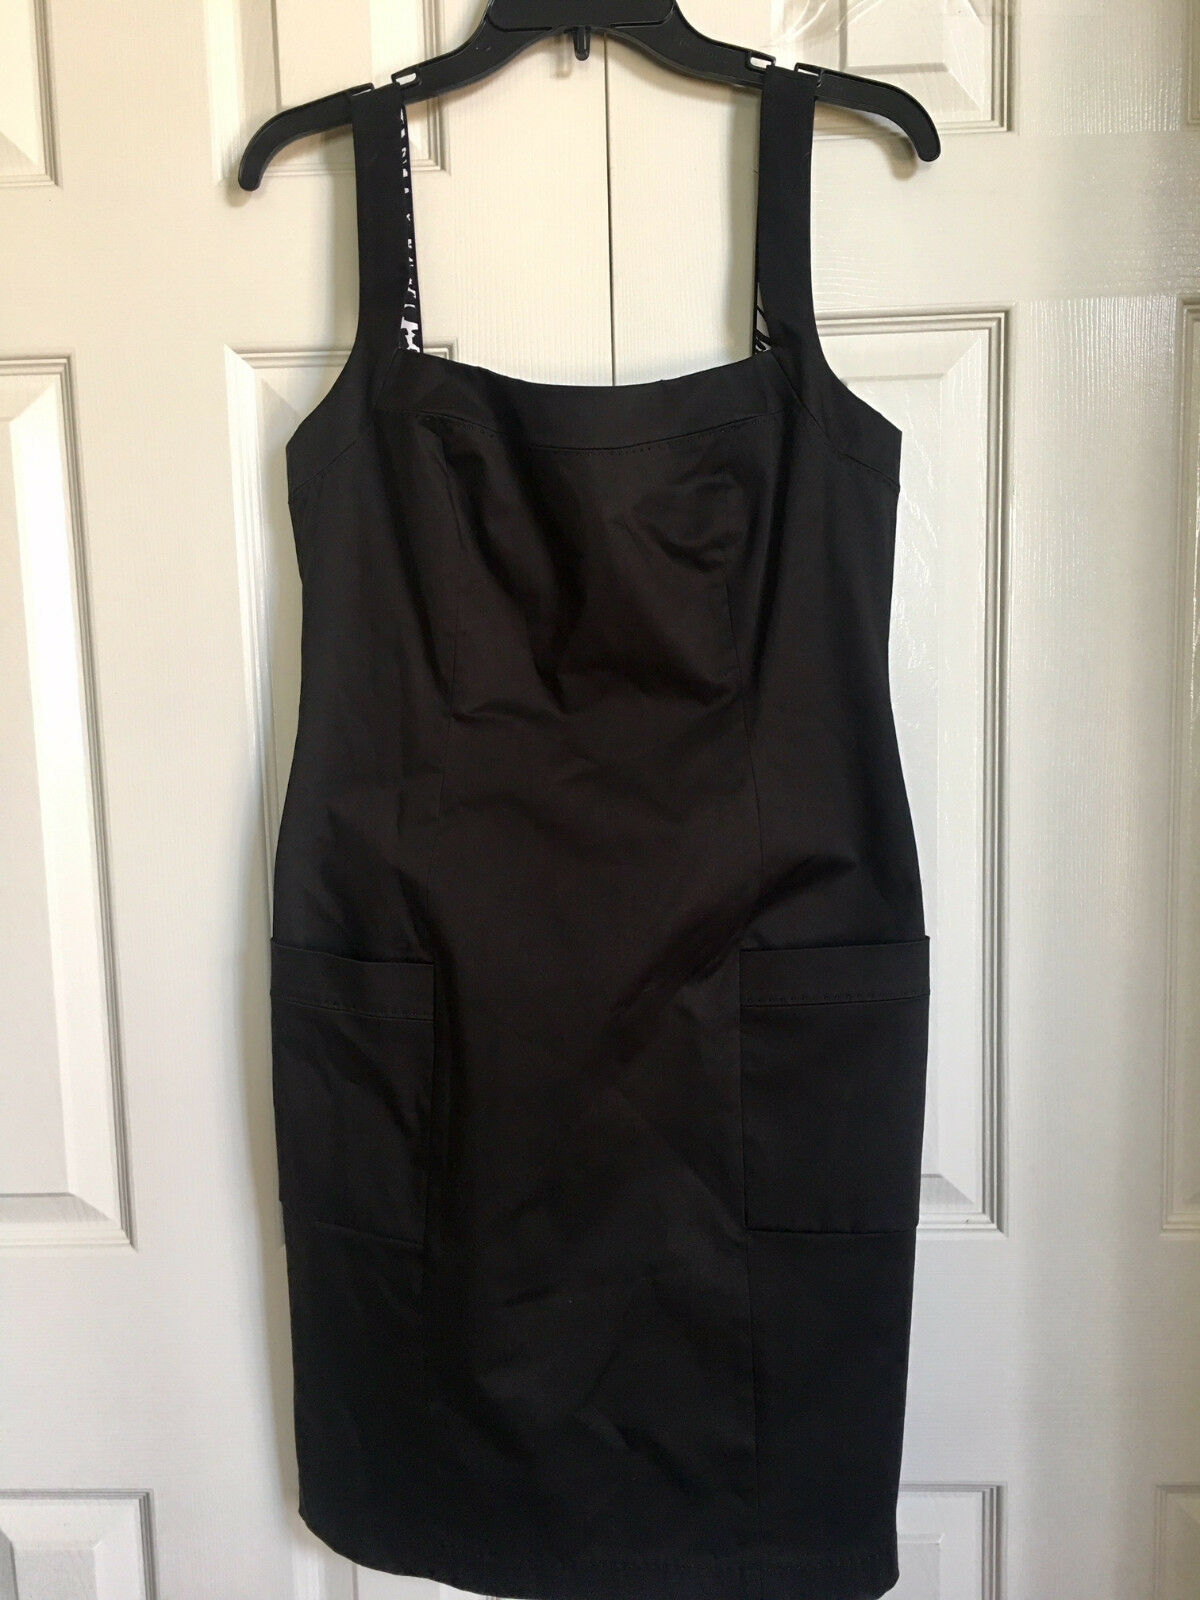 400  Elite Tahari Katy  Sleeveless Dress 8 GORGEOUS